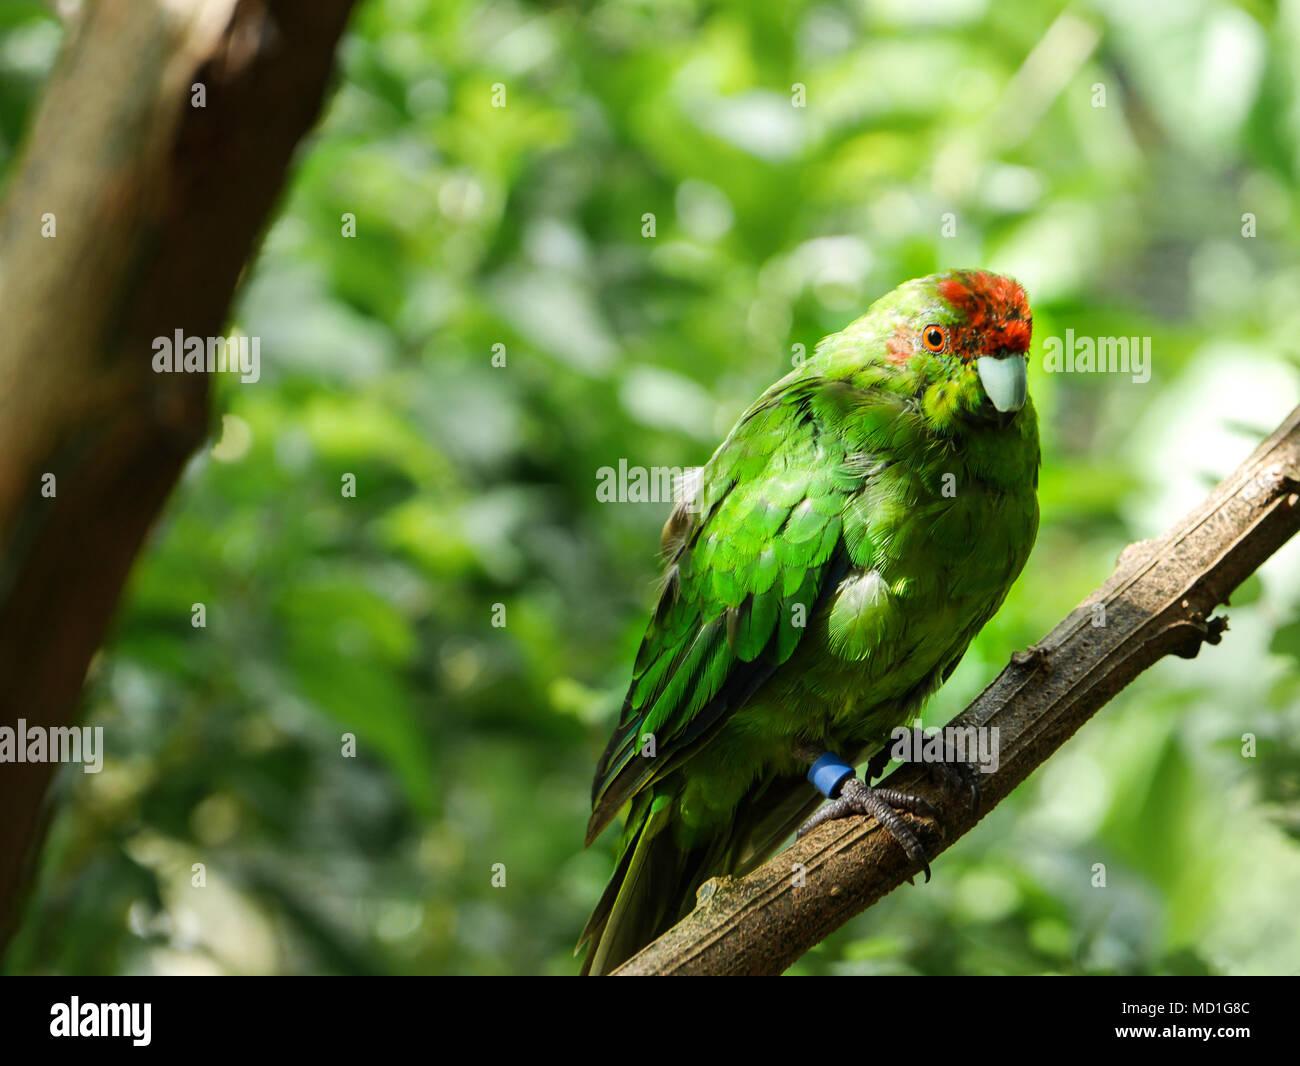 New Zealand native species closeup - Kakariki parrot - Stock Image